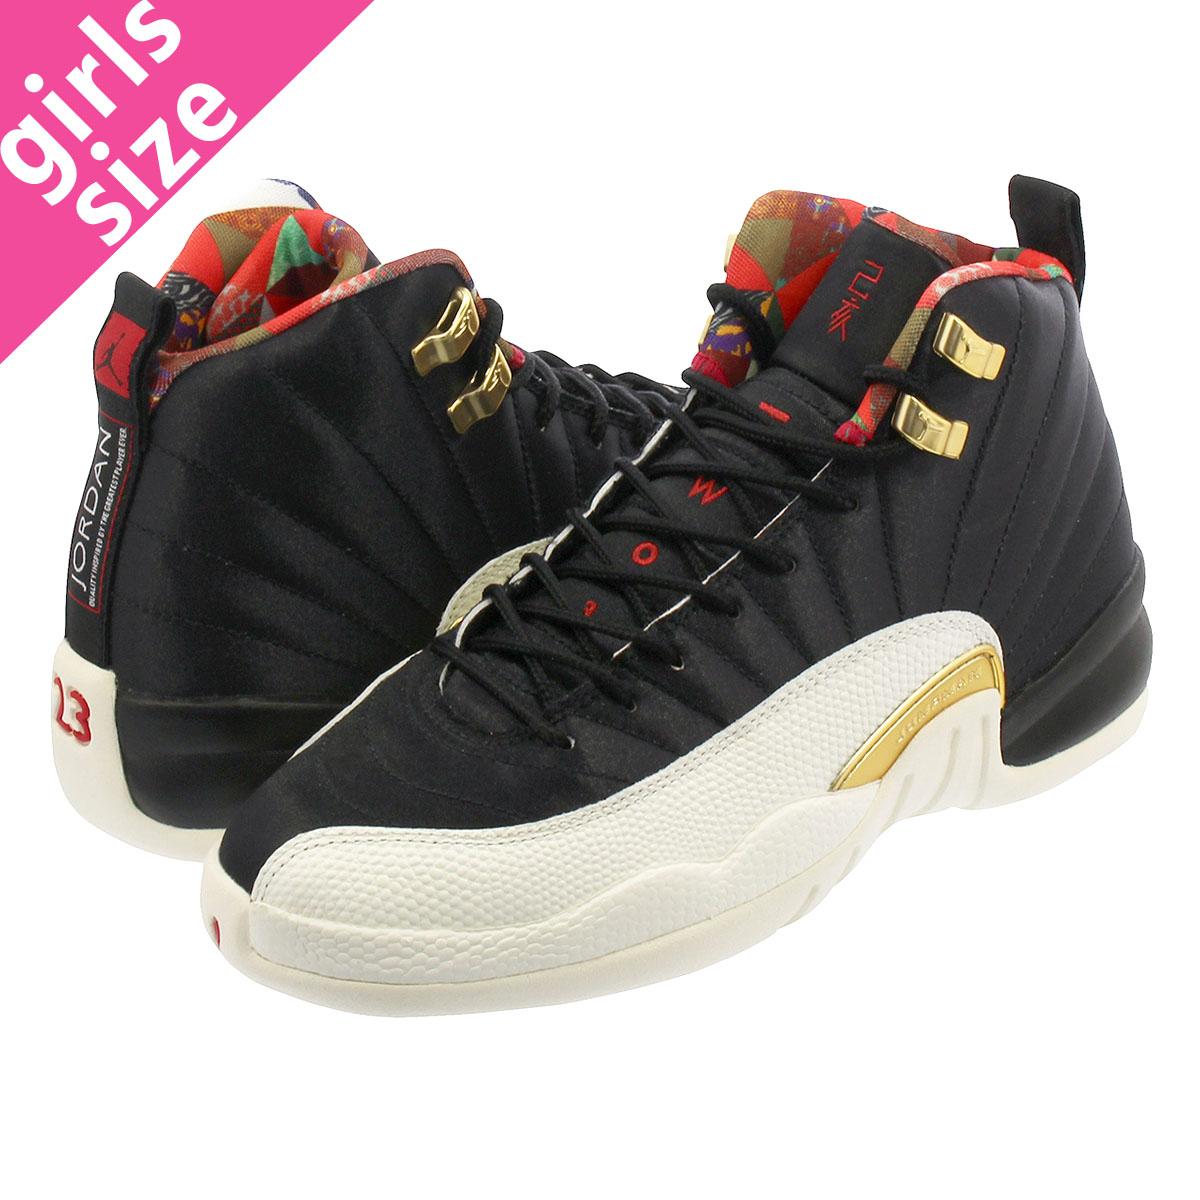 4e8141bbcfa3 NIKE AIR JORDAN 12 RETRO GS Nike Air Jordan 12 nostalgic GS  BLACK SAIL METALLIC GOLD TRUE RED bq6497-006